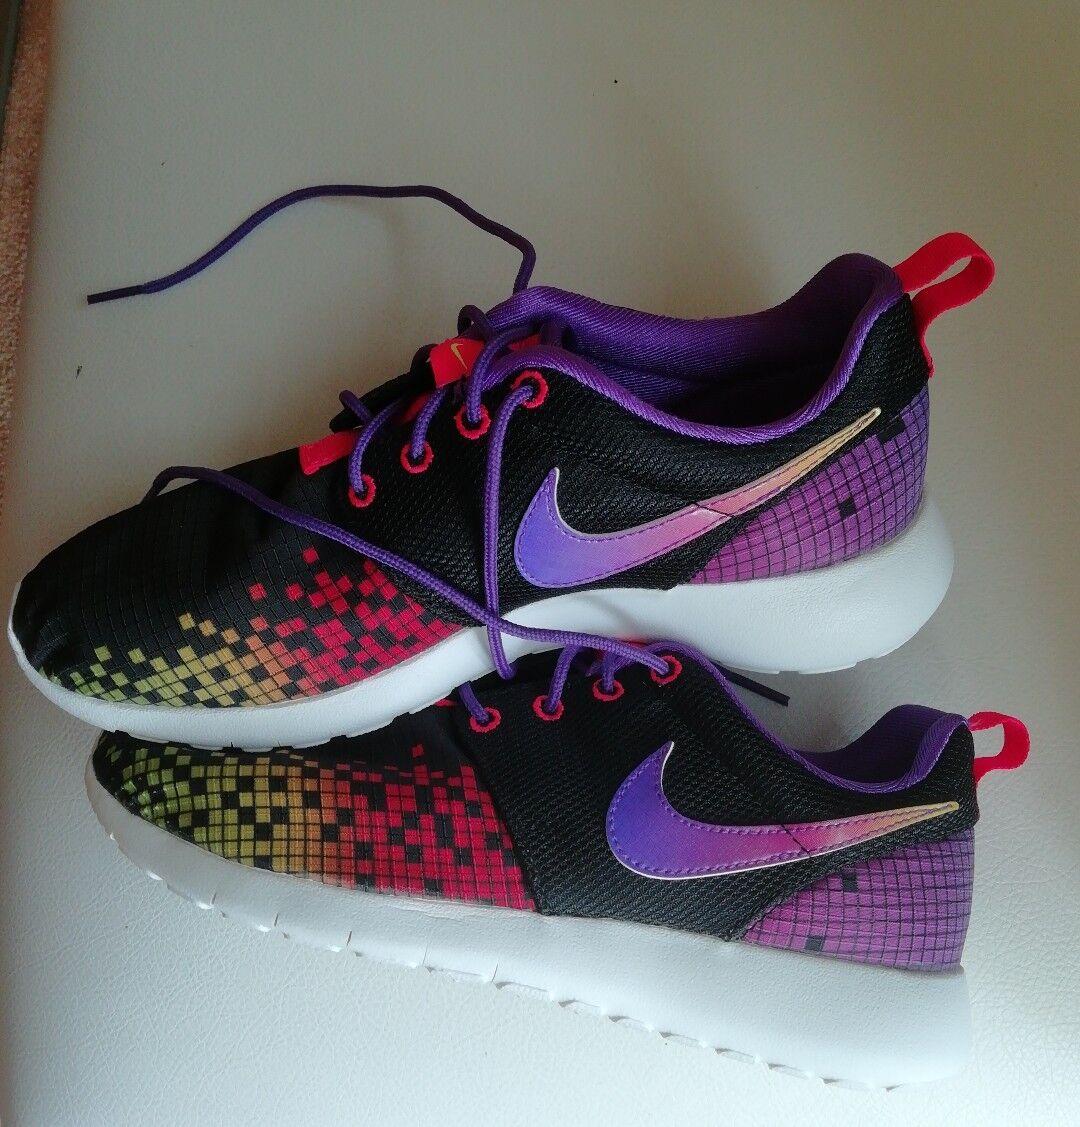 PrintgsGr Nike 38 One B787dgvzg51533 Sneaker Roshe pUVqGzSM